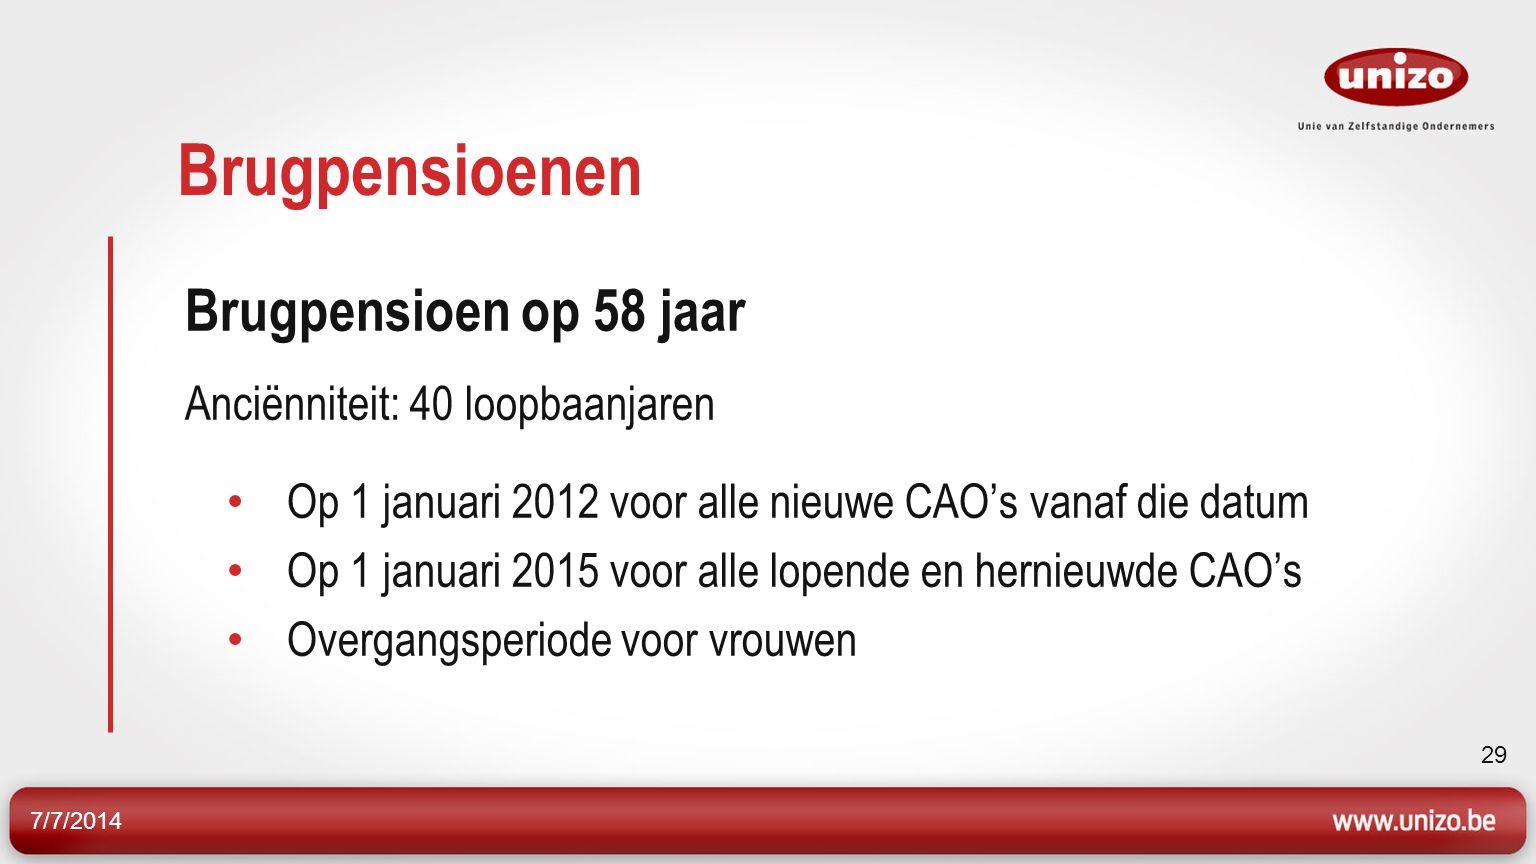 7/7/2014 29 Brugpensioenen Brugpensioen op 58 jaar Anciënniteit: 40 loopbaanjaren Op 1 januari 2012 voor alle nieuwe CAO's vanaf die datum Op 1 januari 2015 voor alle lopende en hernieuwde CAO's Overgangsperiode voor vrouwen